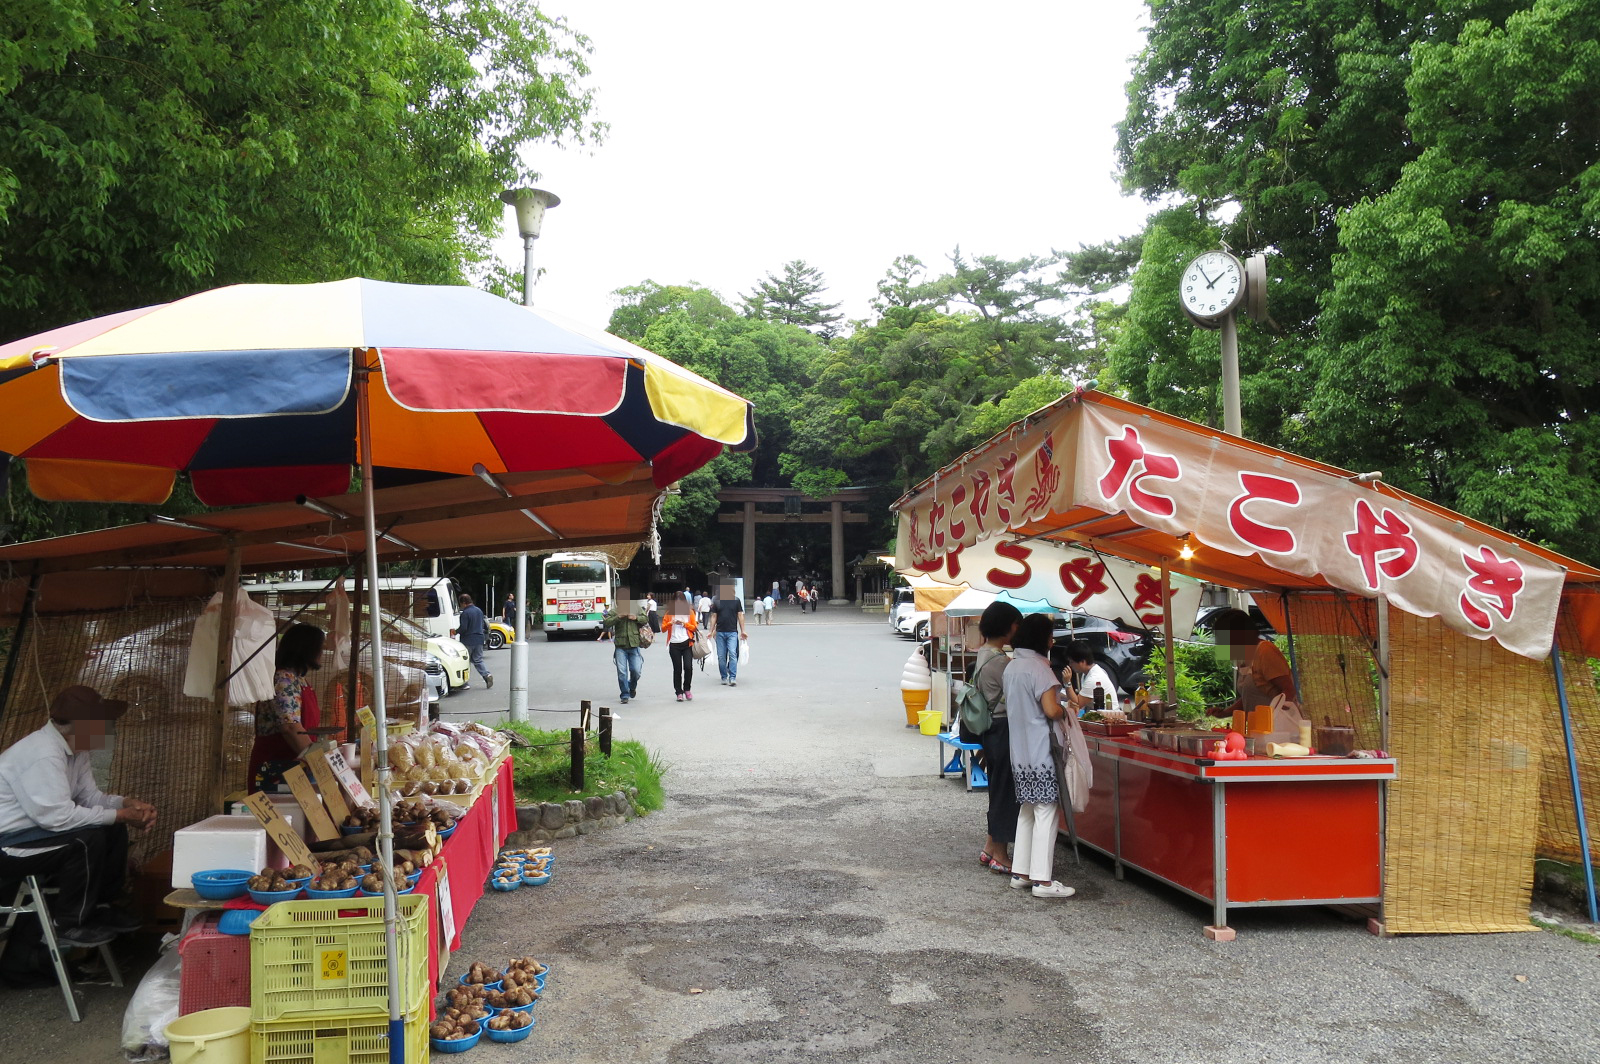 参道には、アイスクリーム、団子、野菜販売などの屋台も出ています。奥に二の鳥居が見えてきました。